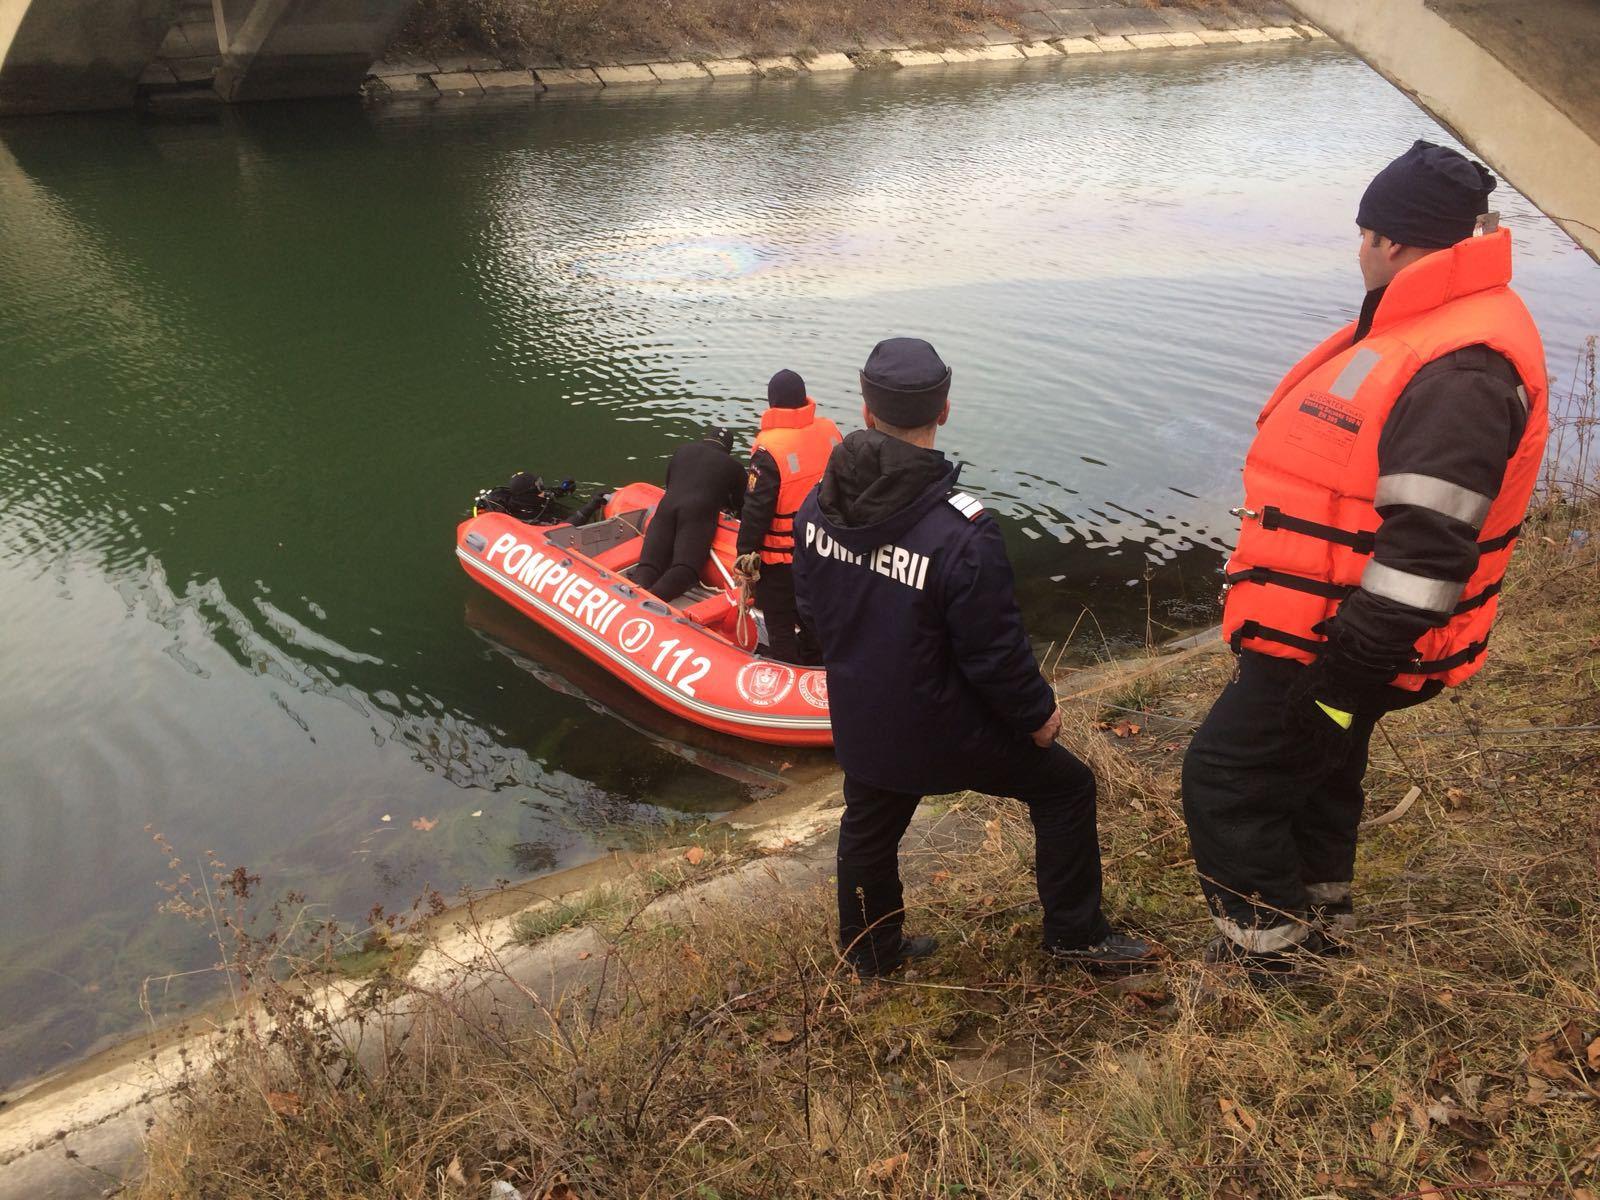 Un bărbat a ajuns la spital după ce a căzut cu maşina în canalul hidrocentralei din Pângăraţi, Neamţ | FOTO